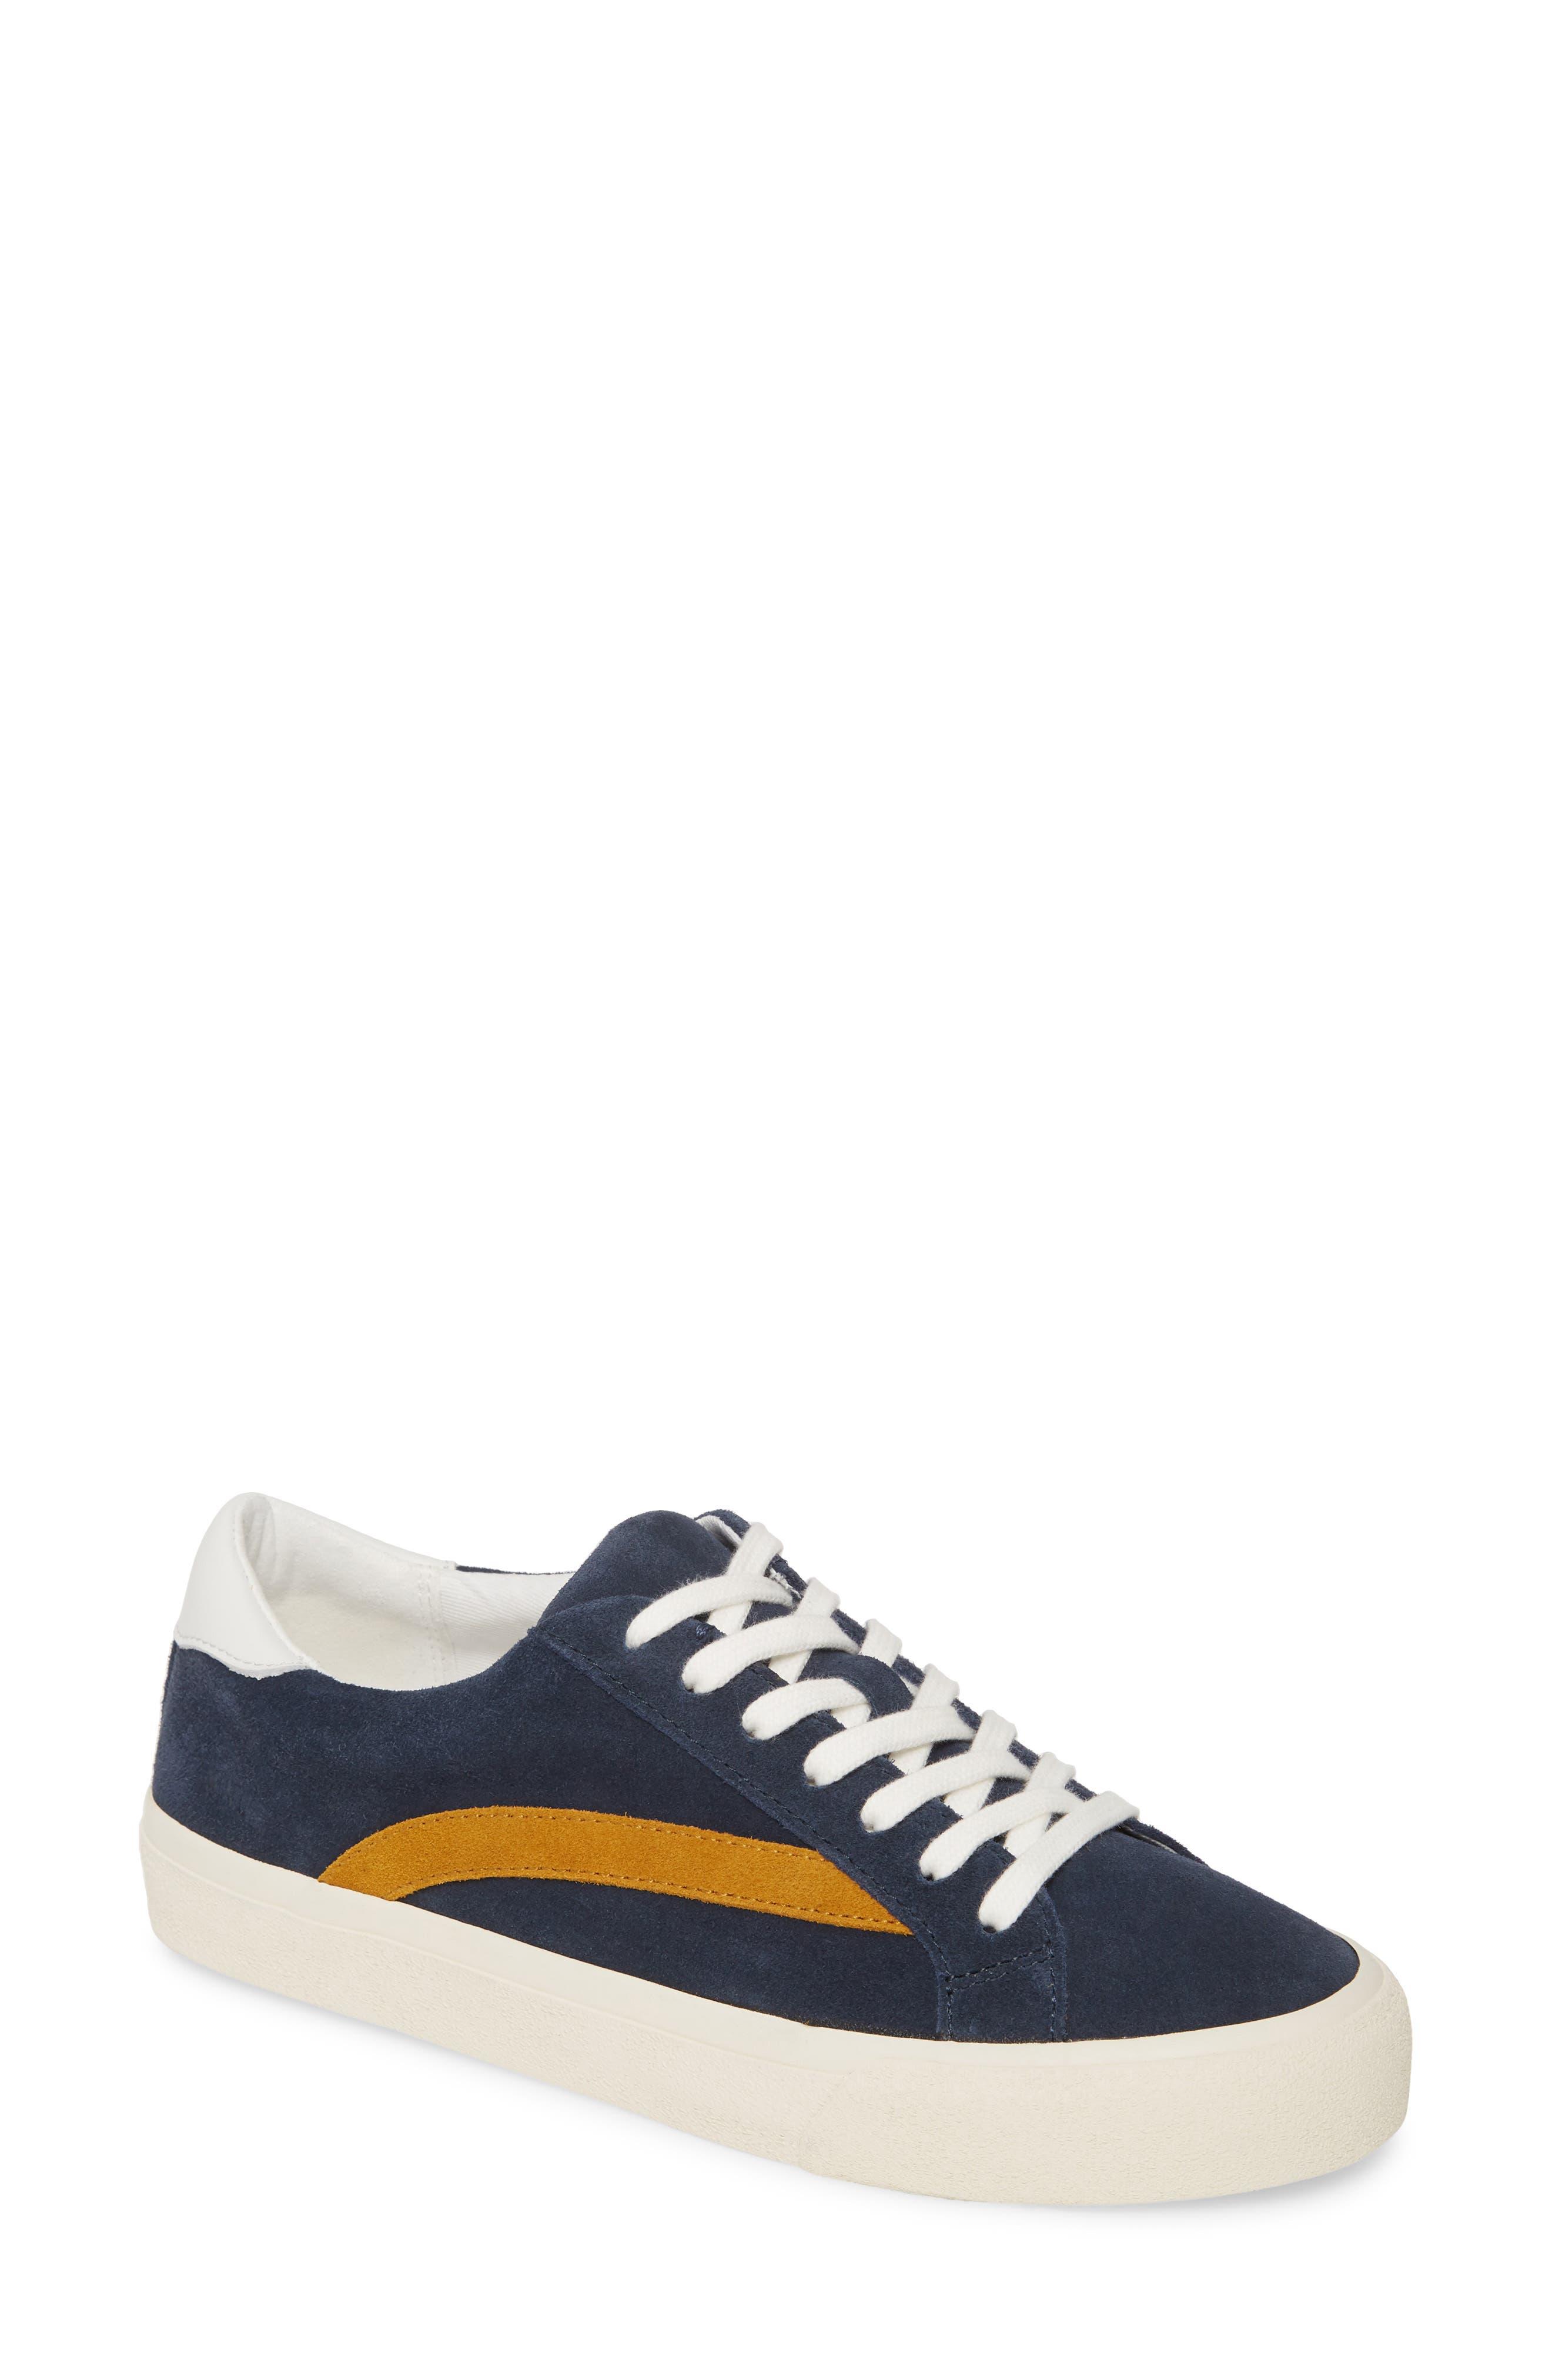 Madewell Sneakers Sidewalk Low Top Sneaker